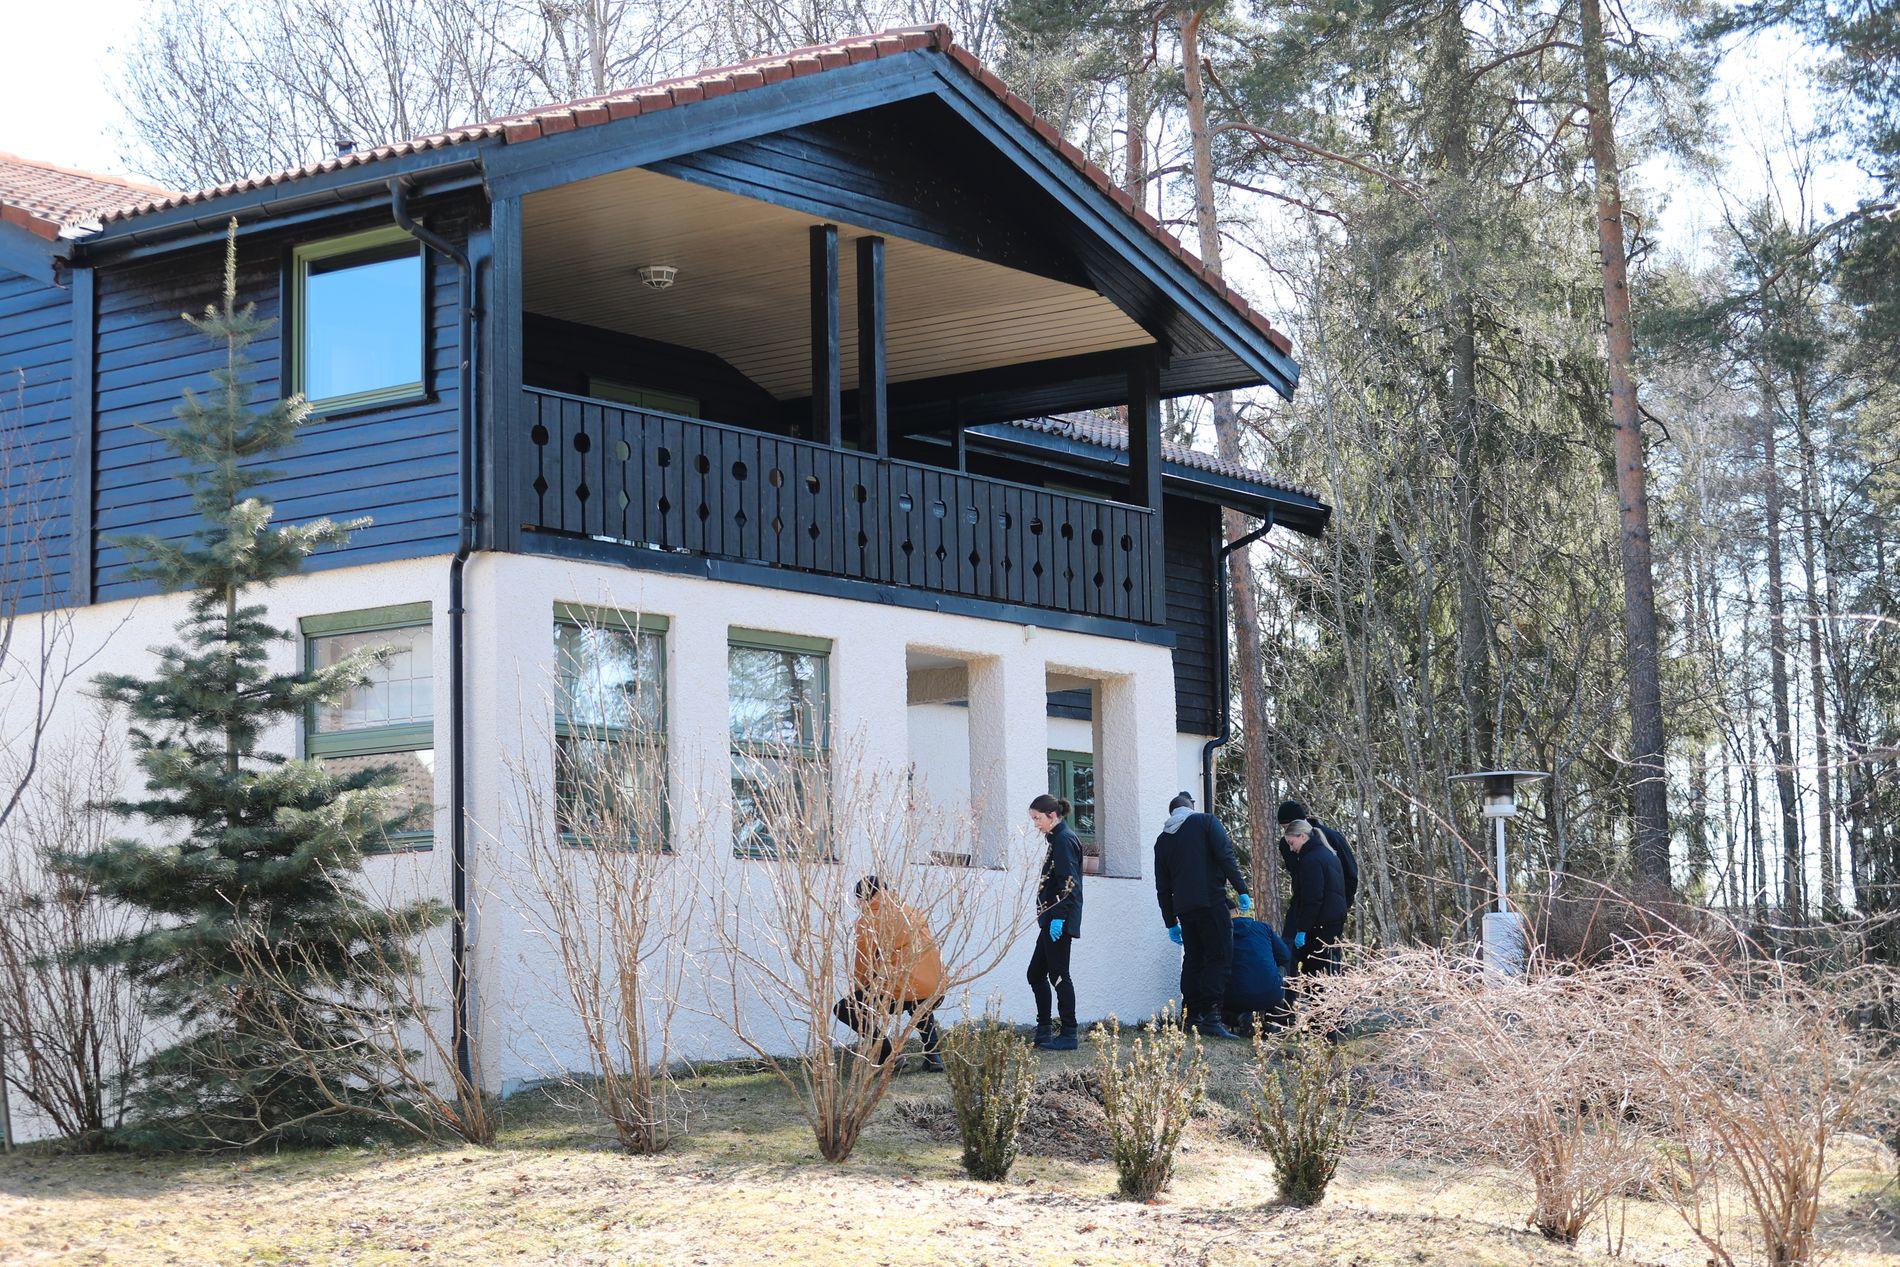 BOLIGEN: 10. og 11. april i år gjorde politiet nye undersøkelser ved Sloraveien 4 på Fjellhamar i Lørenskog.